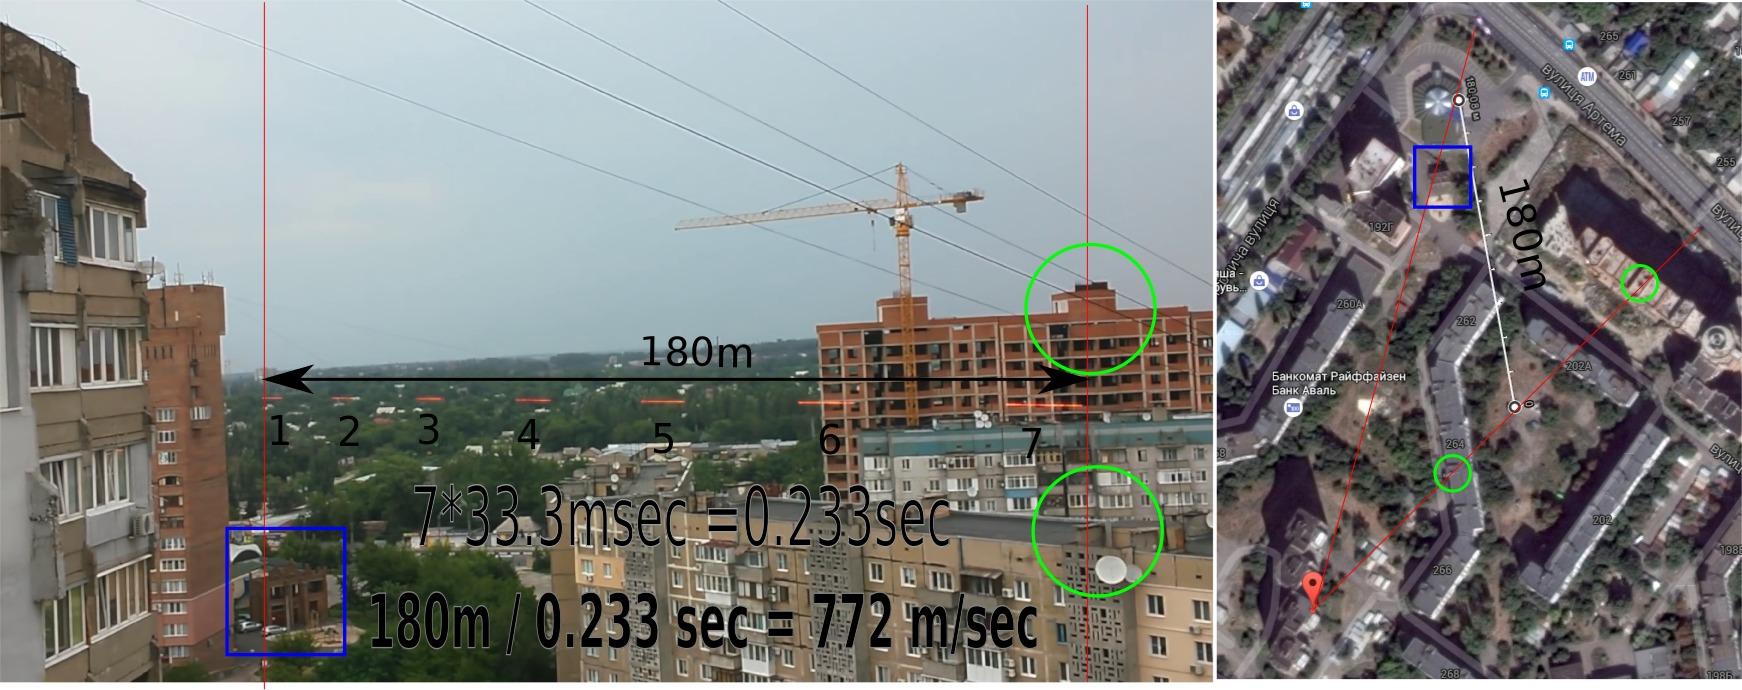 velocity_analysis.jpg